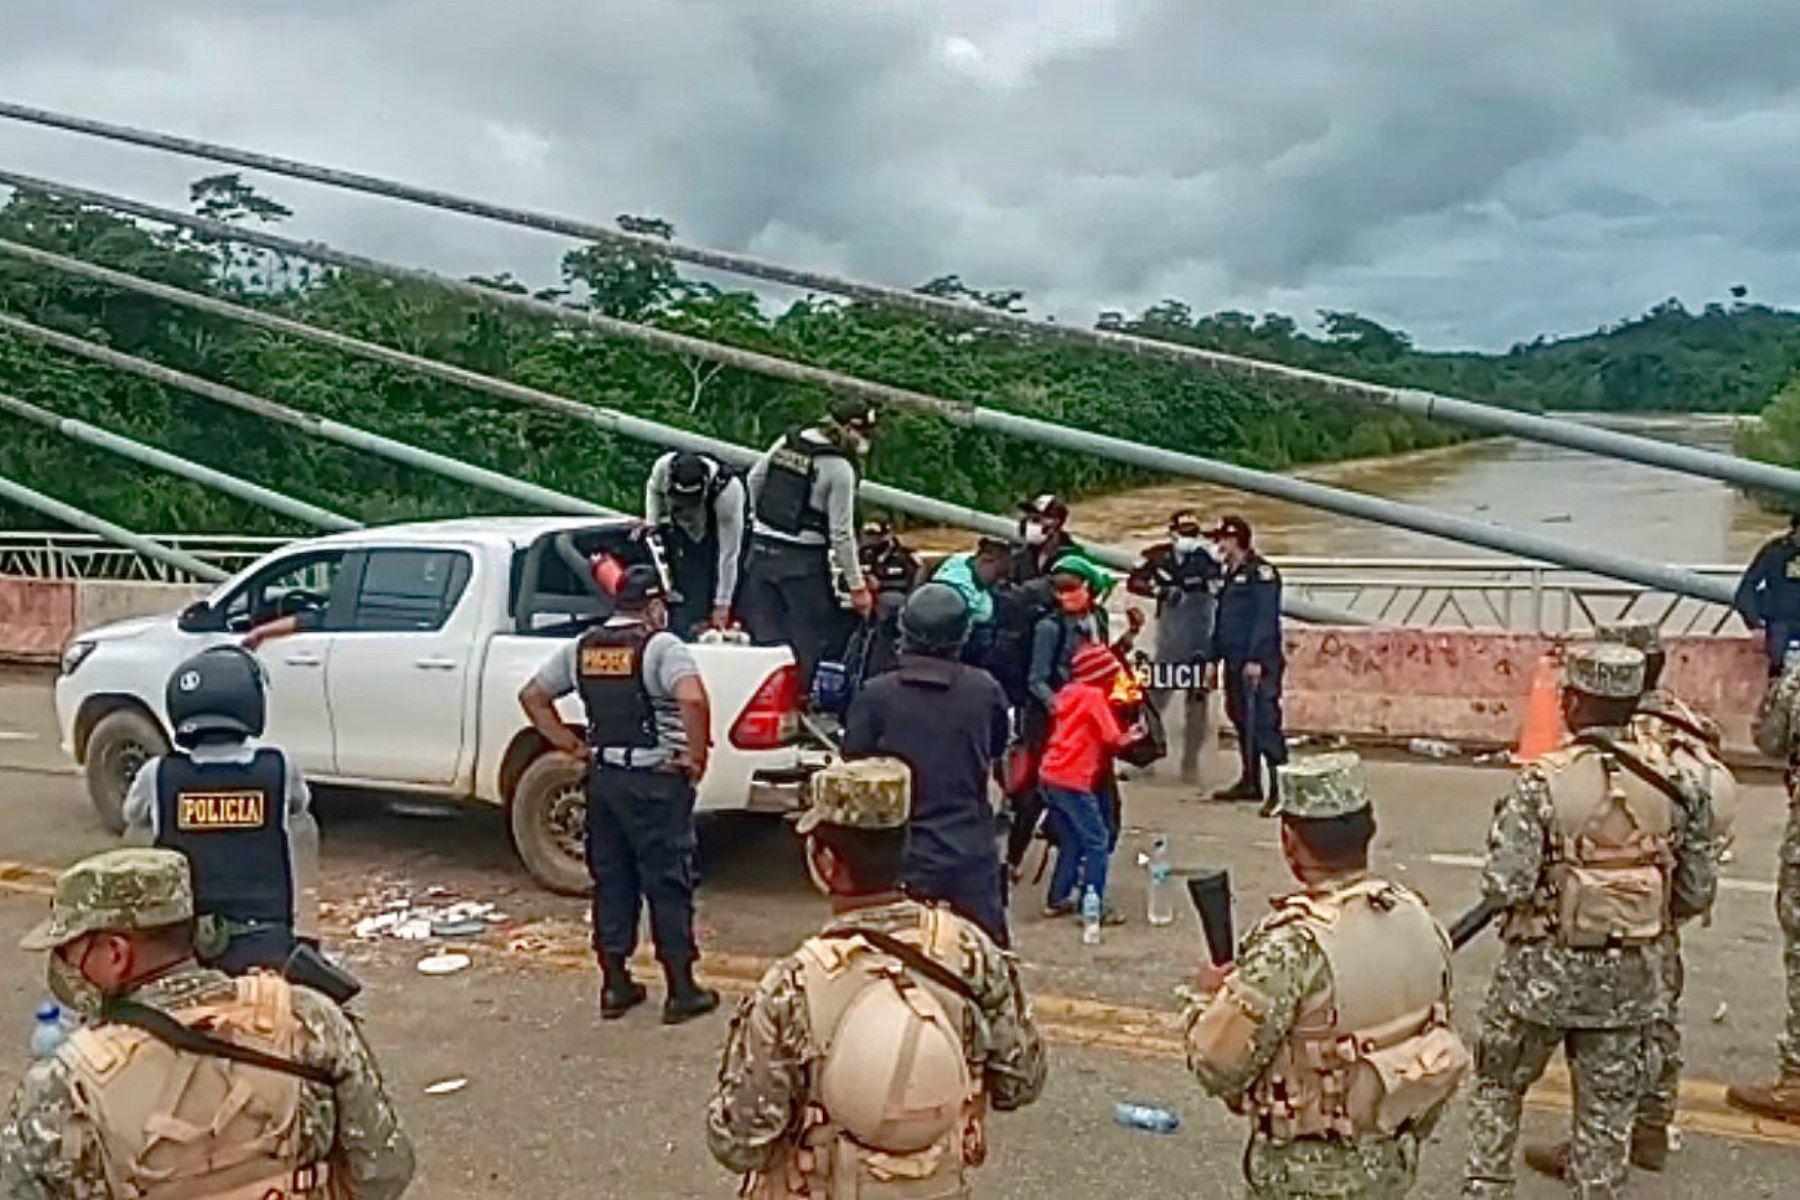 Las fuerzas del orden del Perú seguirán manteniendo el principio de autoridad y vigilando las fronteras. Foto: ANDINA/Difusión